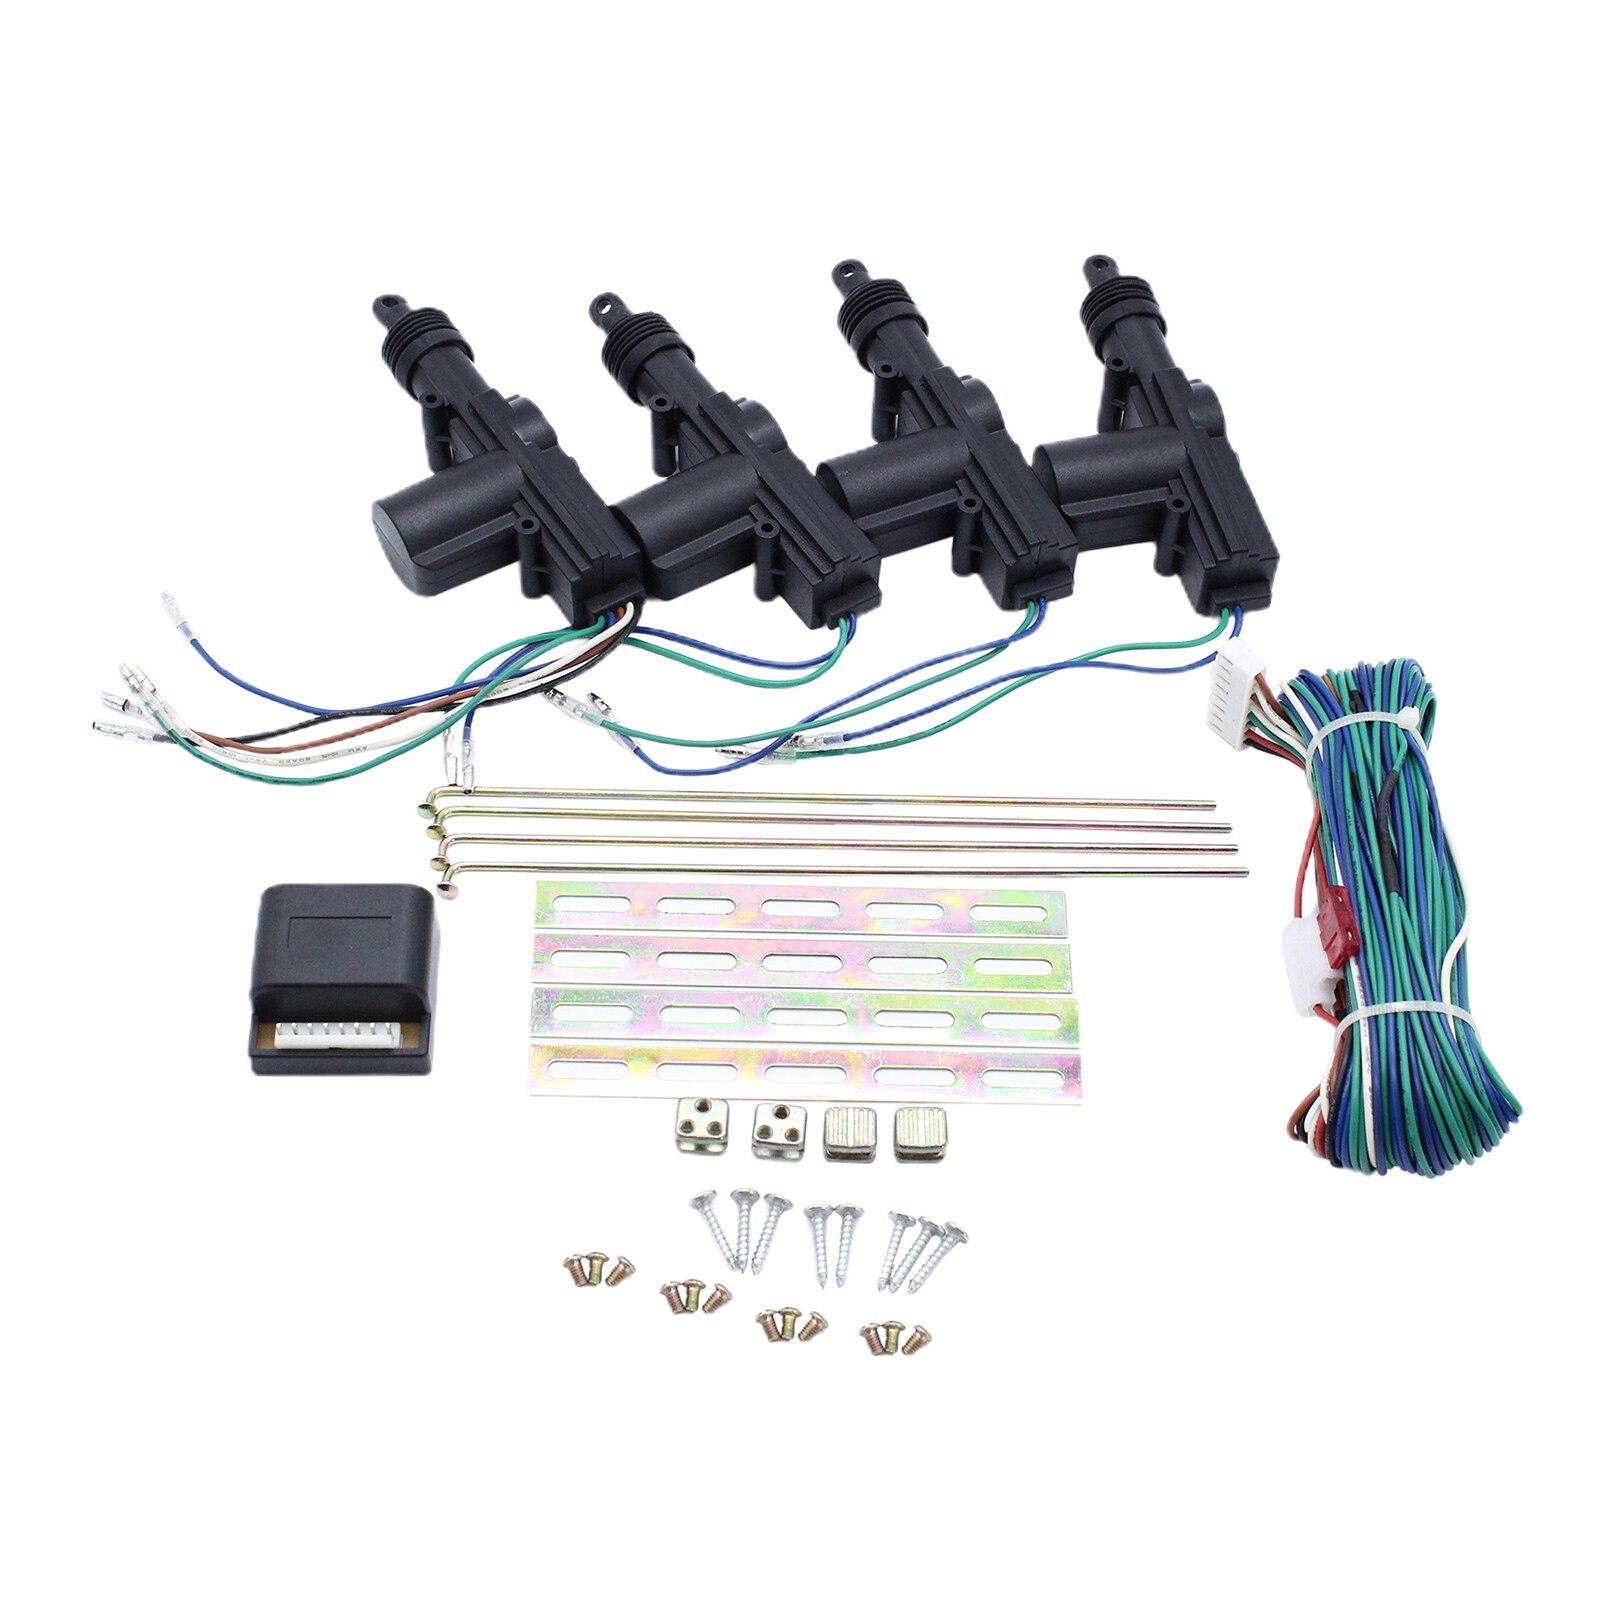 Keyless Entry System 4 Türschloss Antriebe Zentrale Steuerung Locking Set, Hohe Leistung